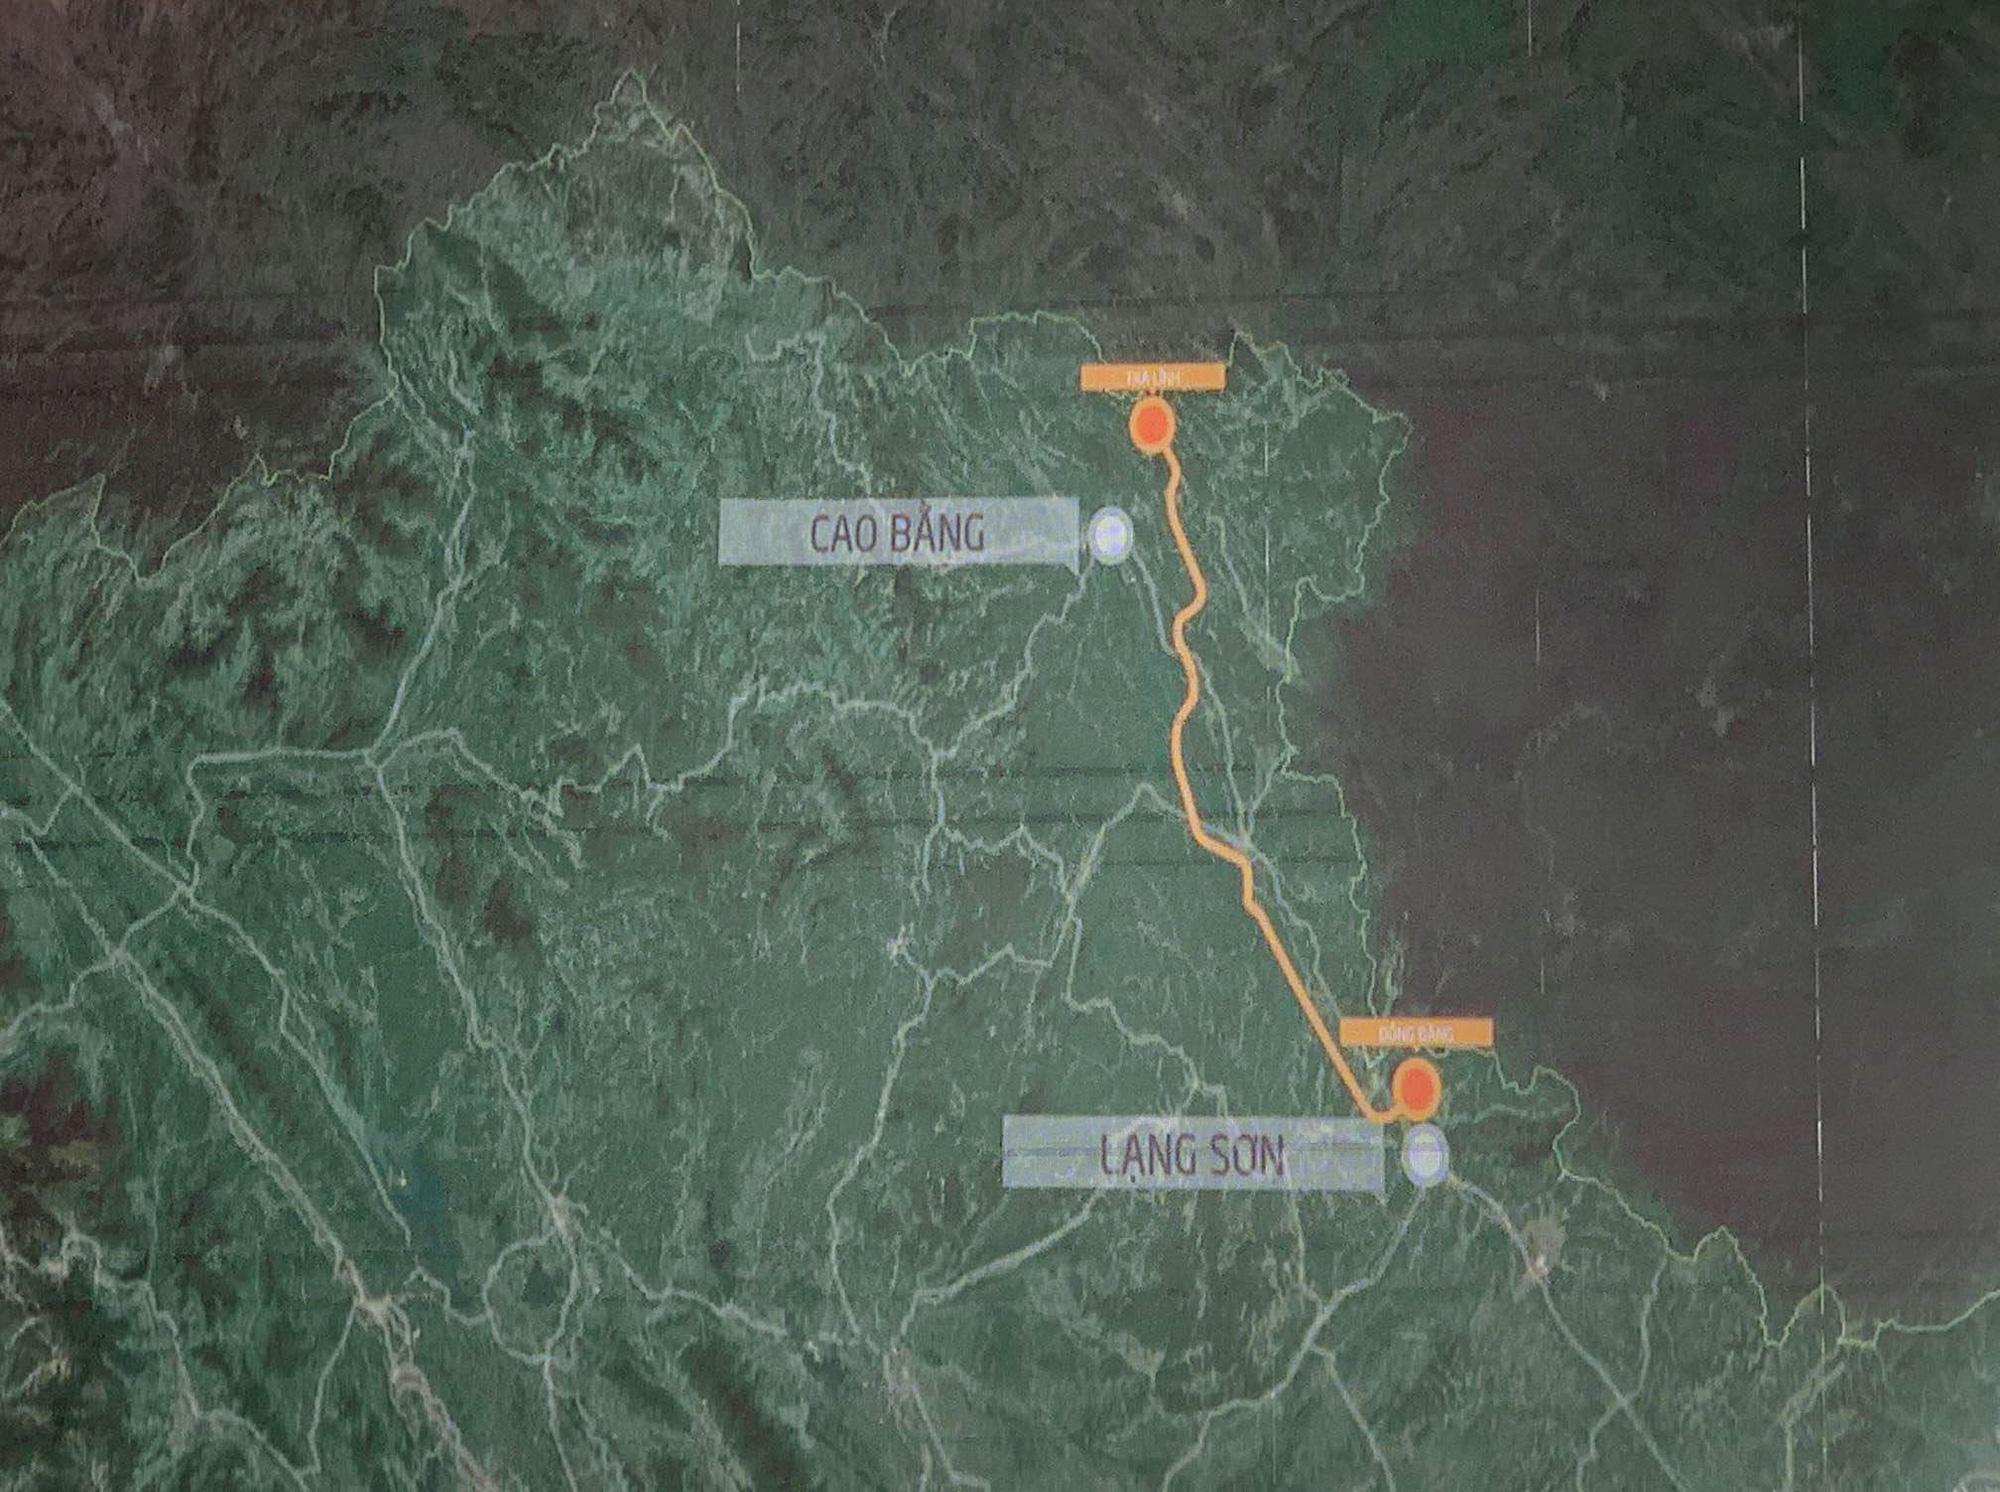 Cao Bằng: Động thổ tuyến đường cao tốc kiểu mẫu về thân thiện môi trường - Ảnh 4.